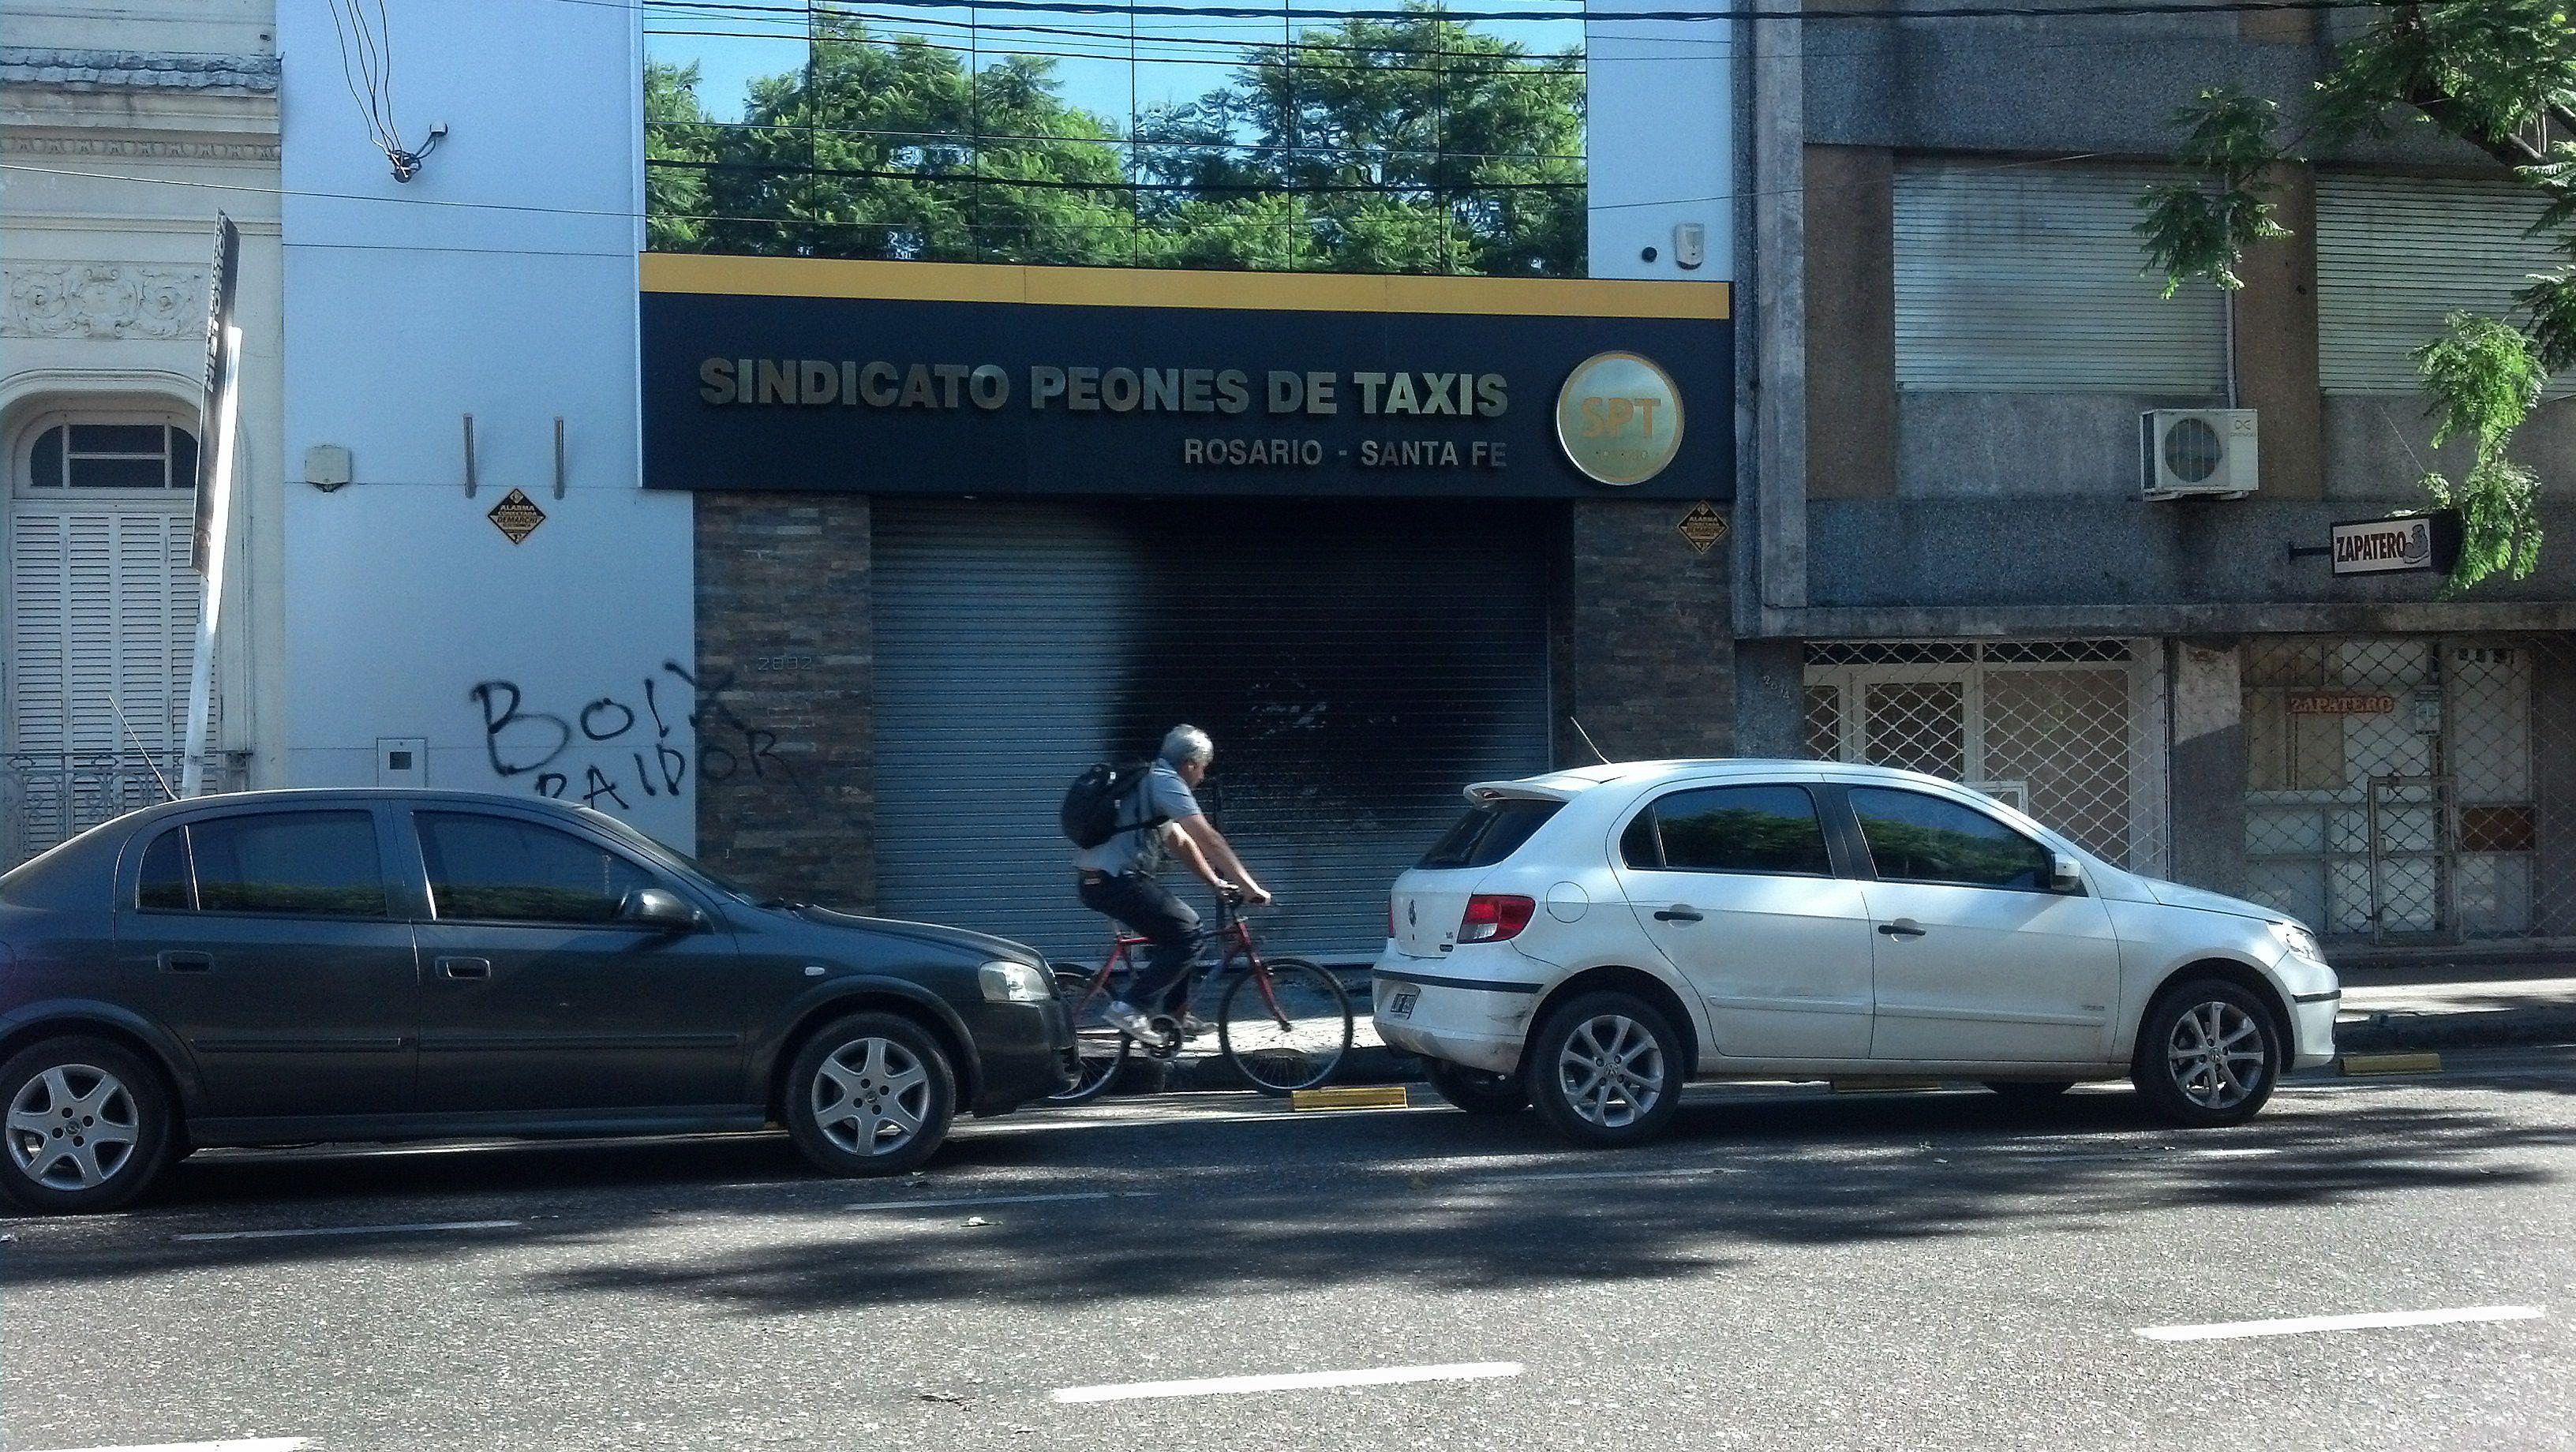 La sede del sindicato de peones de taxis fue atacada esta madrugada por un grupo de desconocidos. (Foto: A. Celoria)